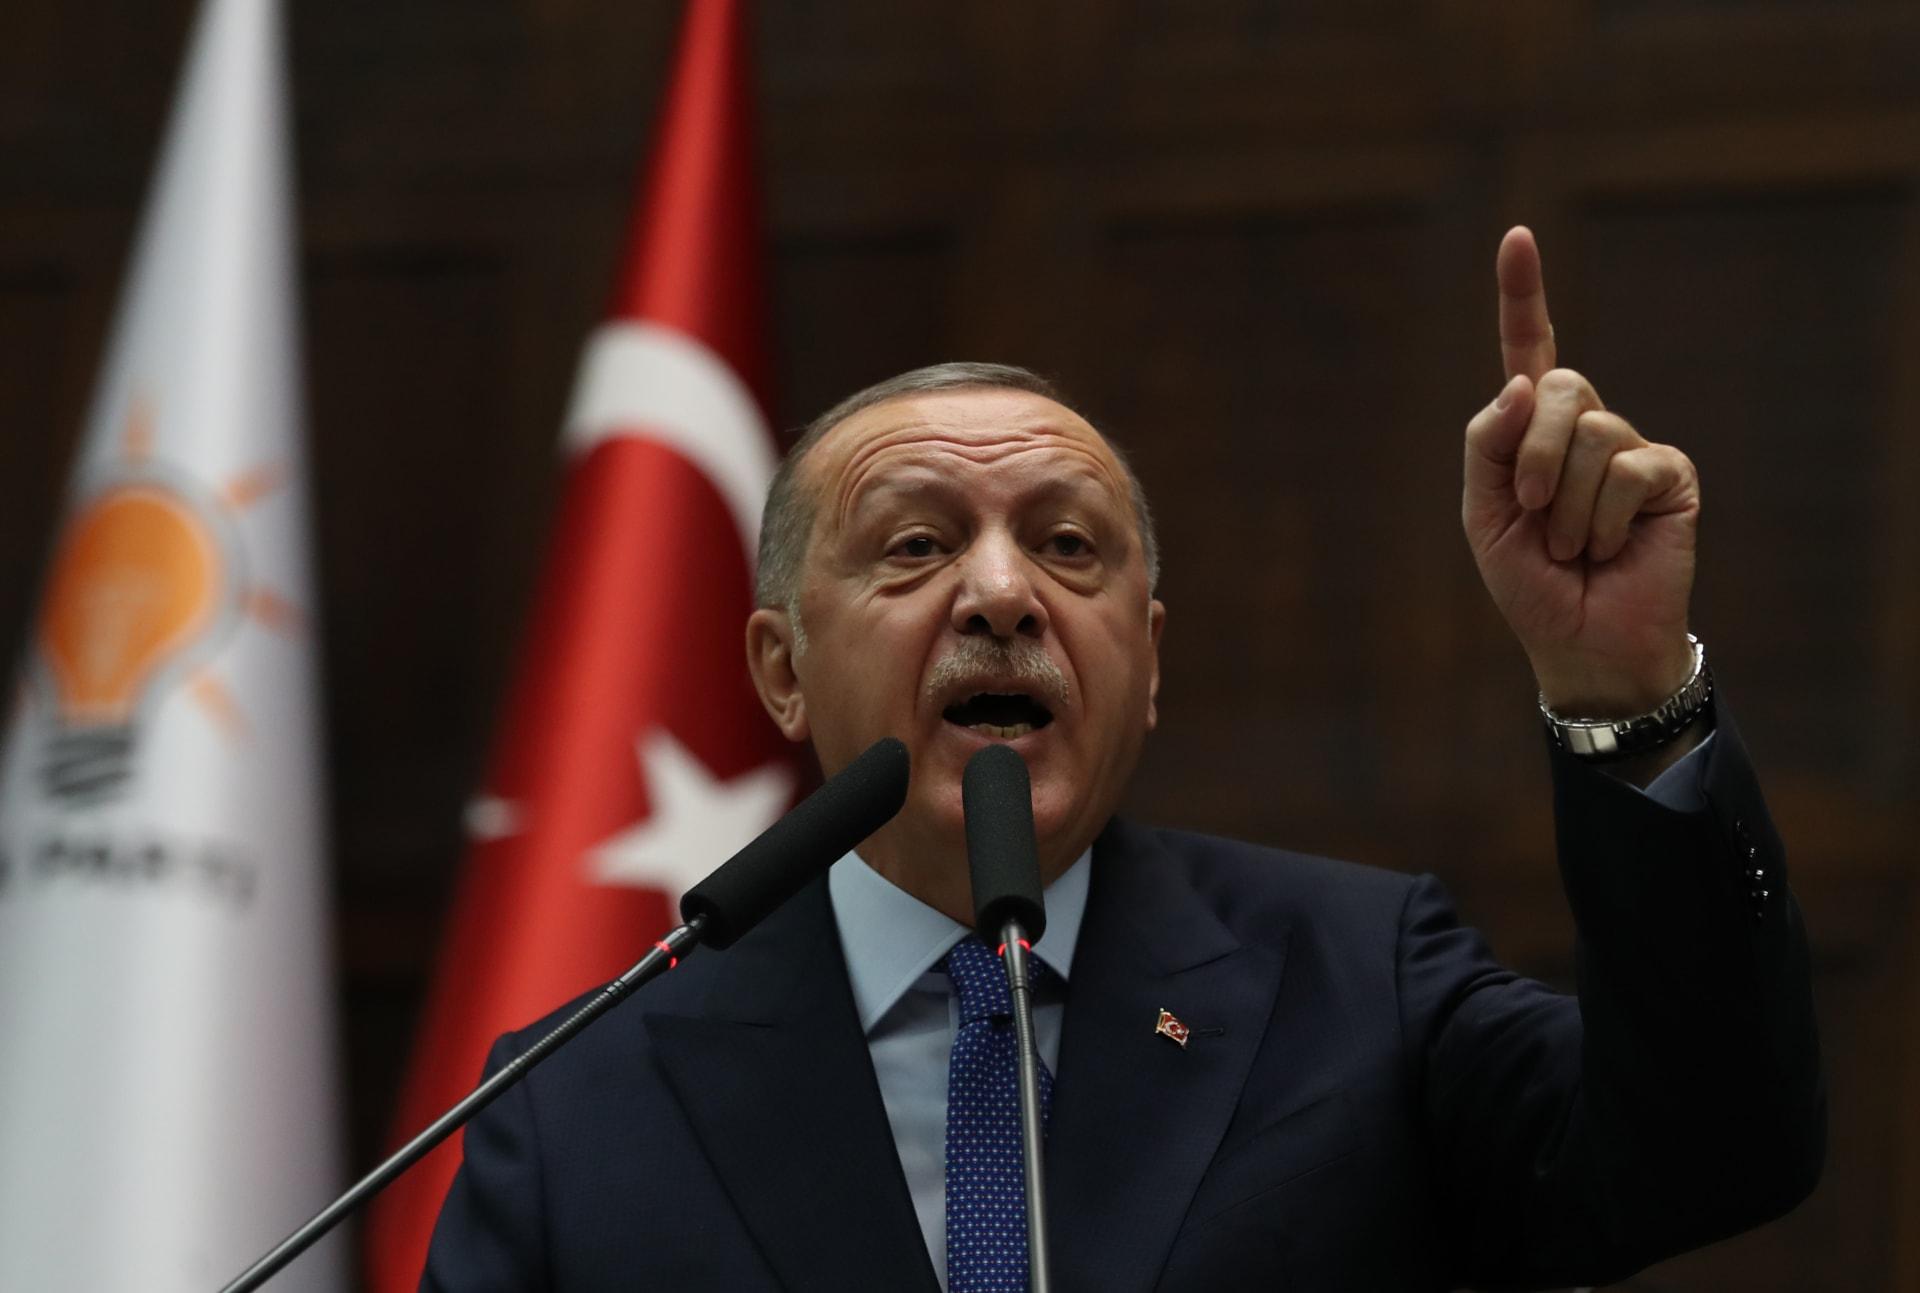 أردوغان: العملية العسكرية ستستمر إذا لم ينسحب الأكراد من شمال سوريا